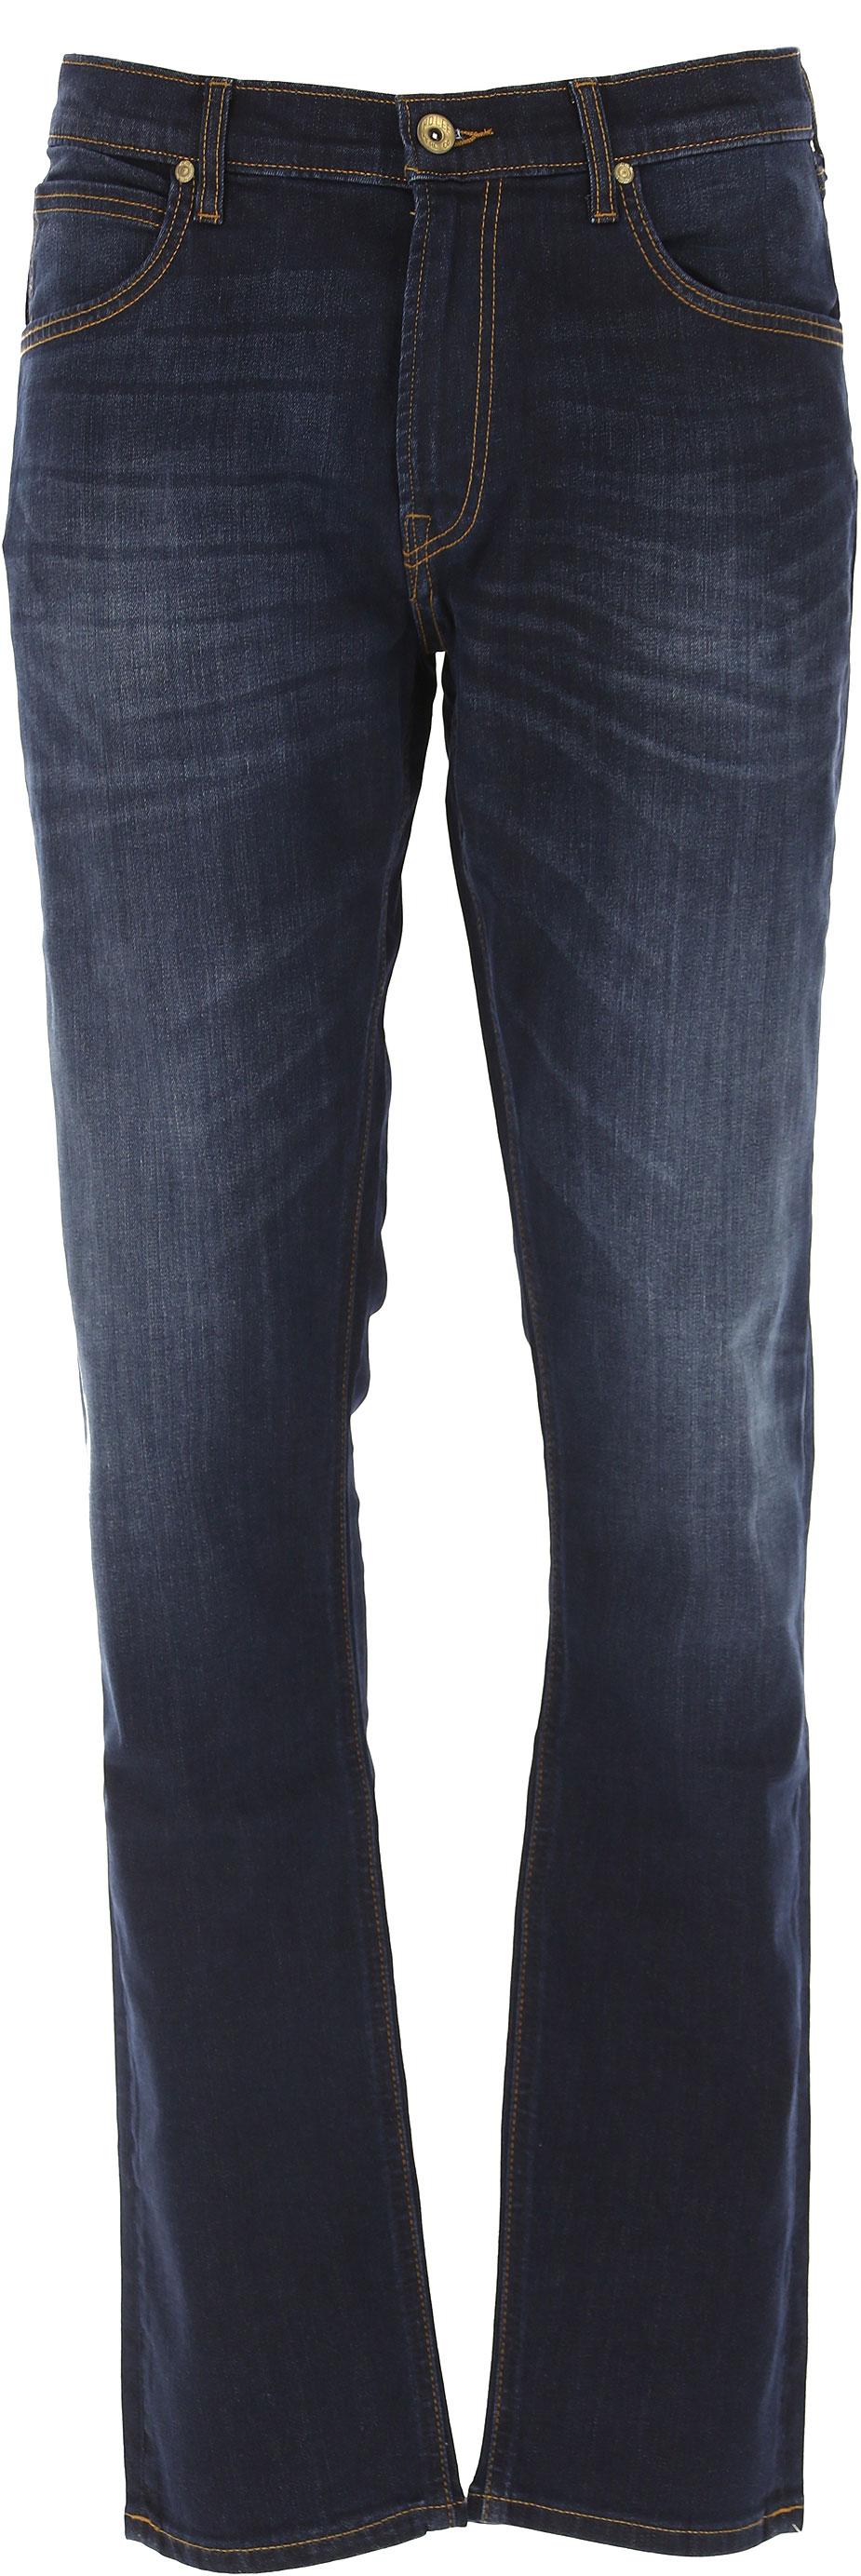 Abbigliamento Uomo Lee, Codice Articolo: luke-33kc718-